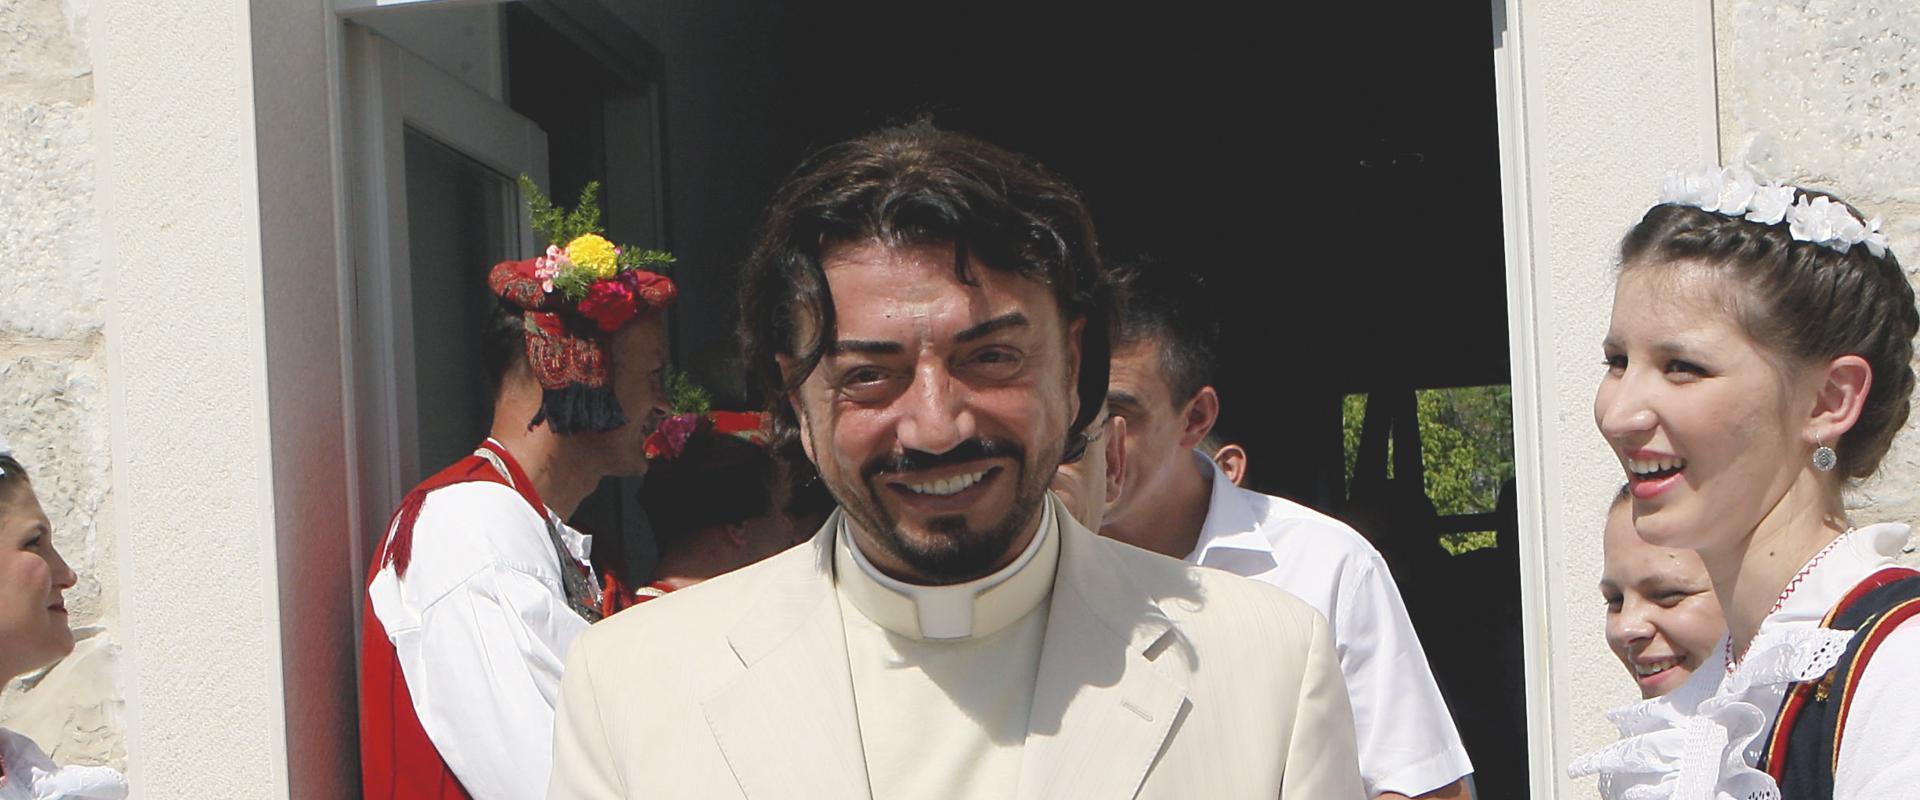 ZLATKU SUDCU DOPUŠTENA OBNOVA DUHOVNIH SEMINARA: Nova manipulacija crkve s karizmatikom